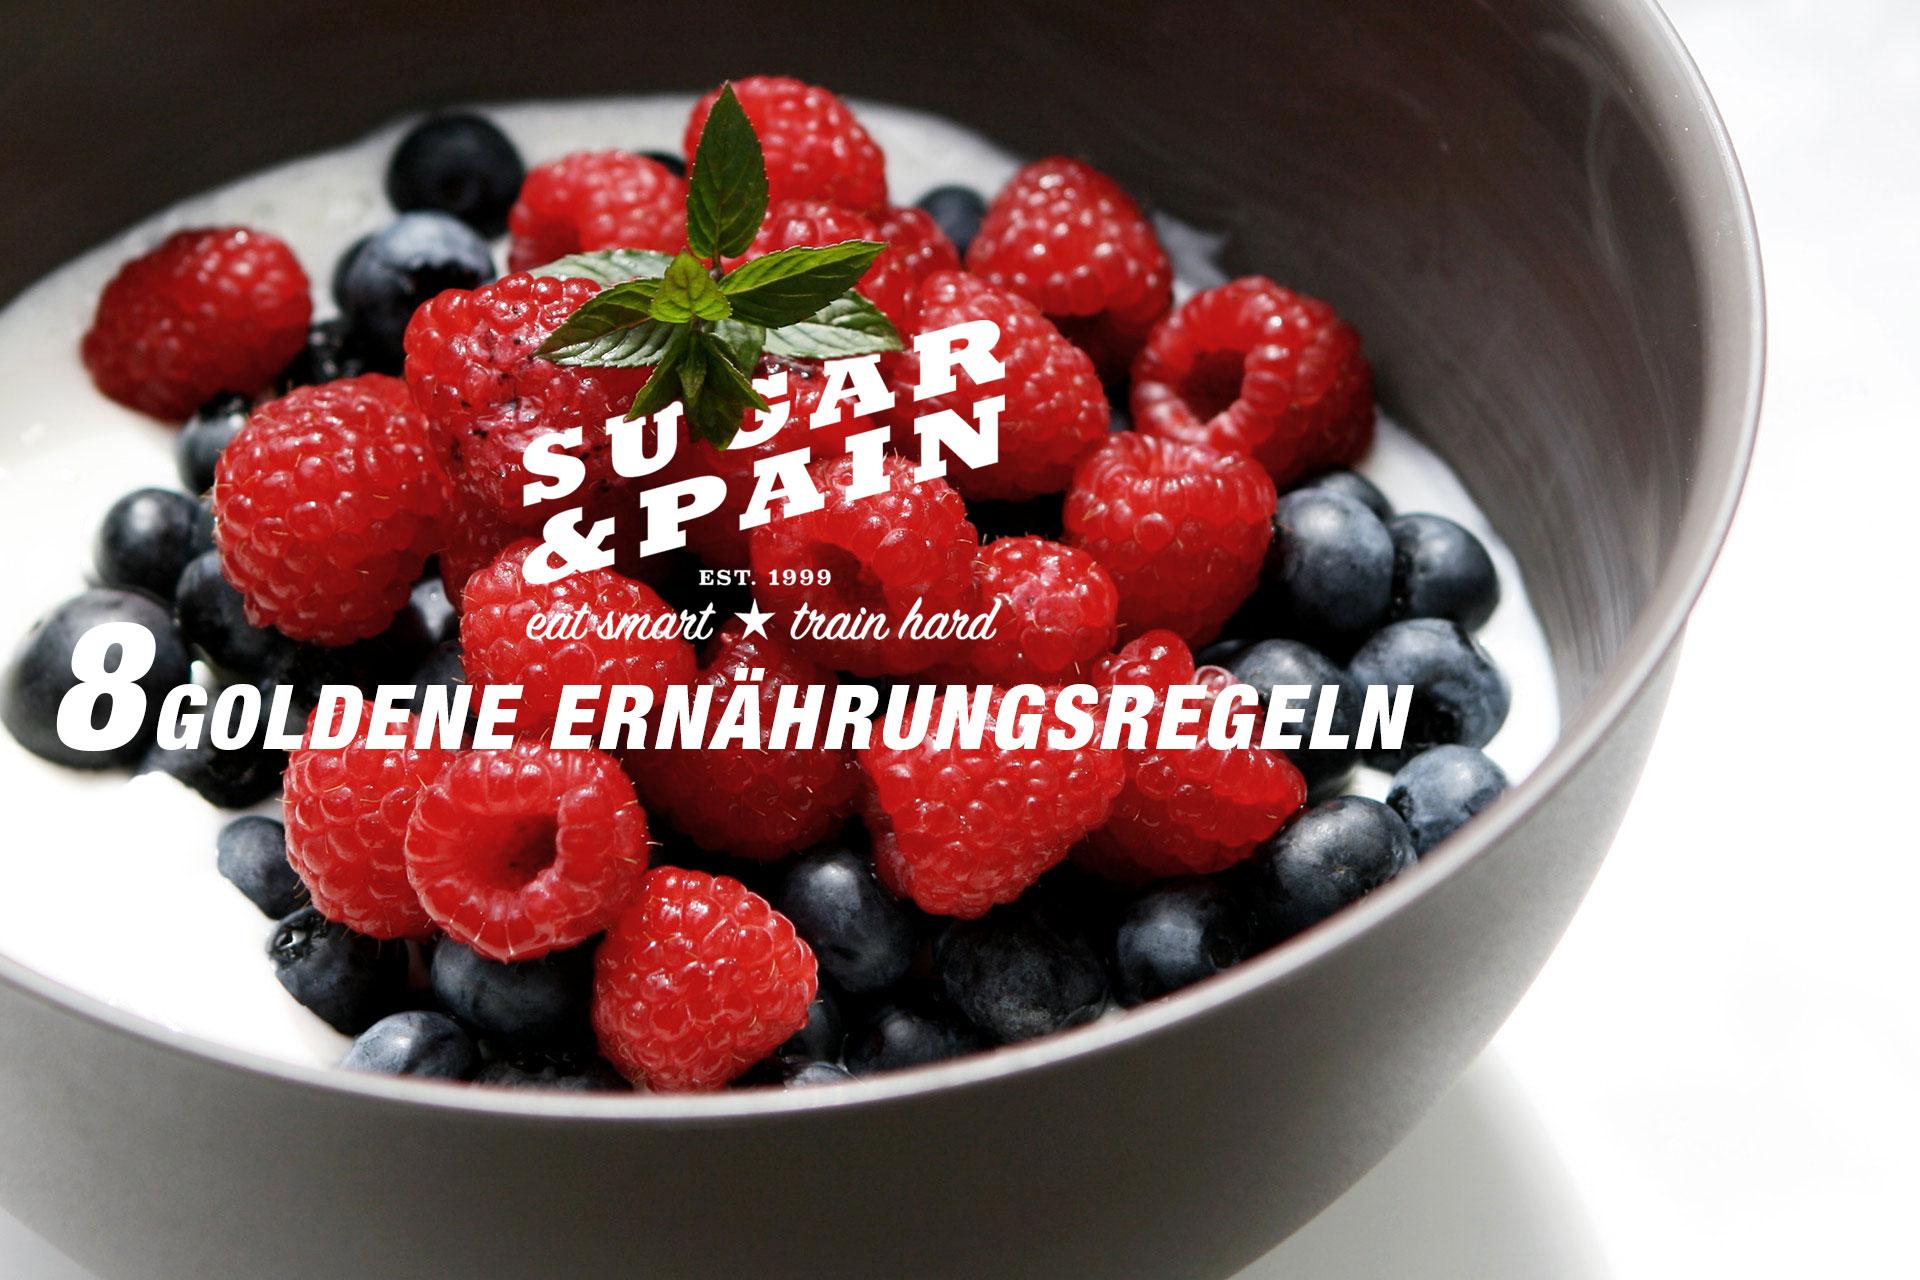 GESUNDHEIT UND LEISTUNG 8 Goldene Ernährungsregeln / Beerig dunkel für's Immunsystem © stefandrexl.com